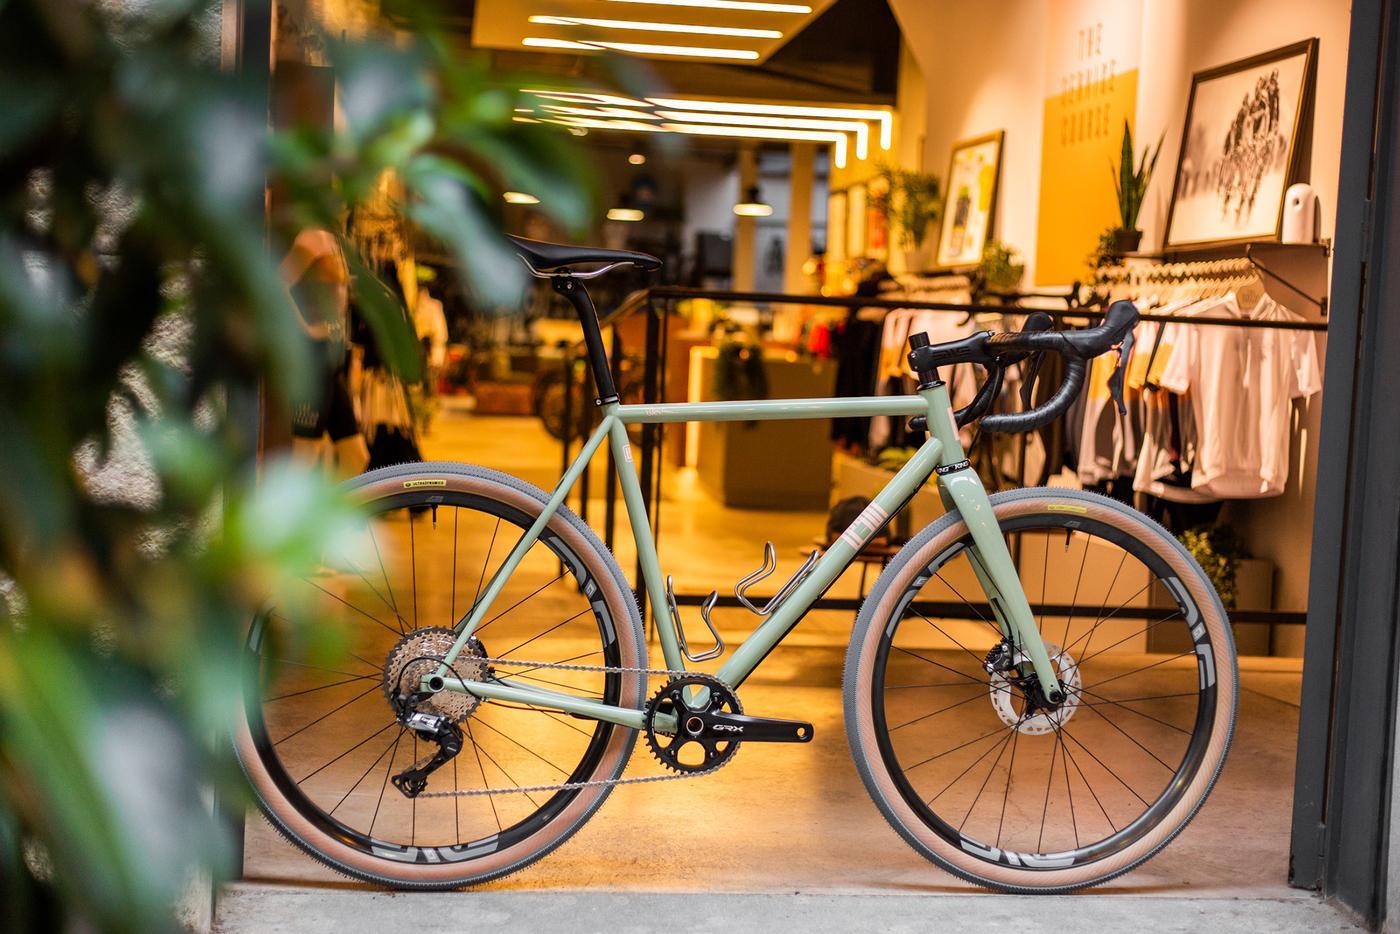 The Service Course: Legor Cicli LWTUA Gravel Bike